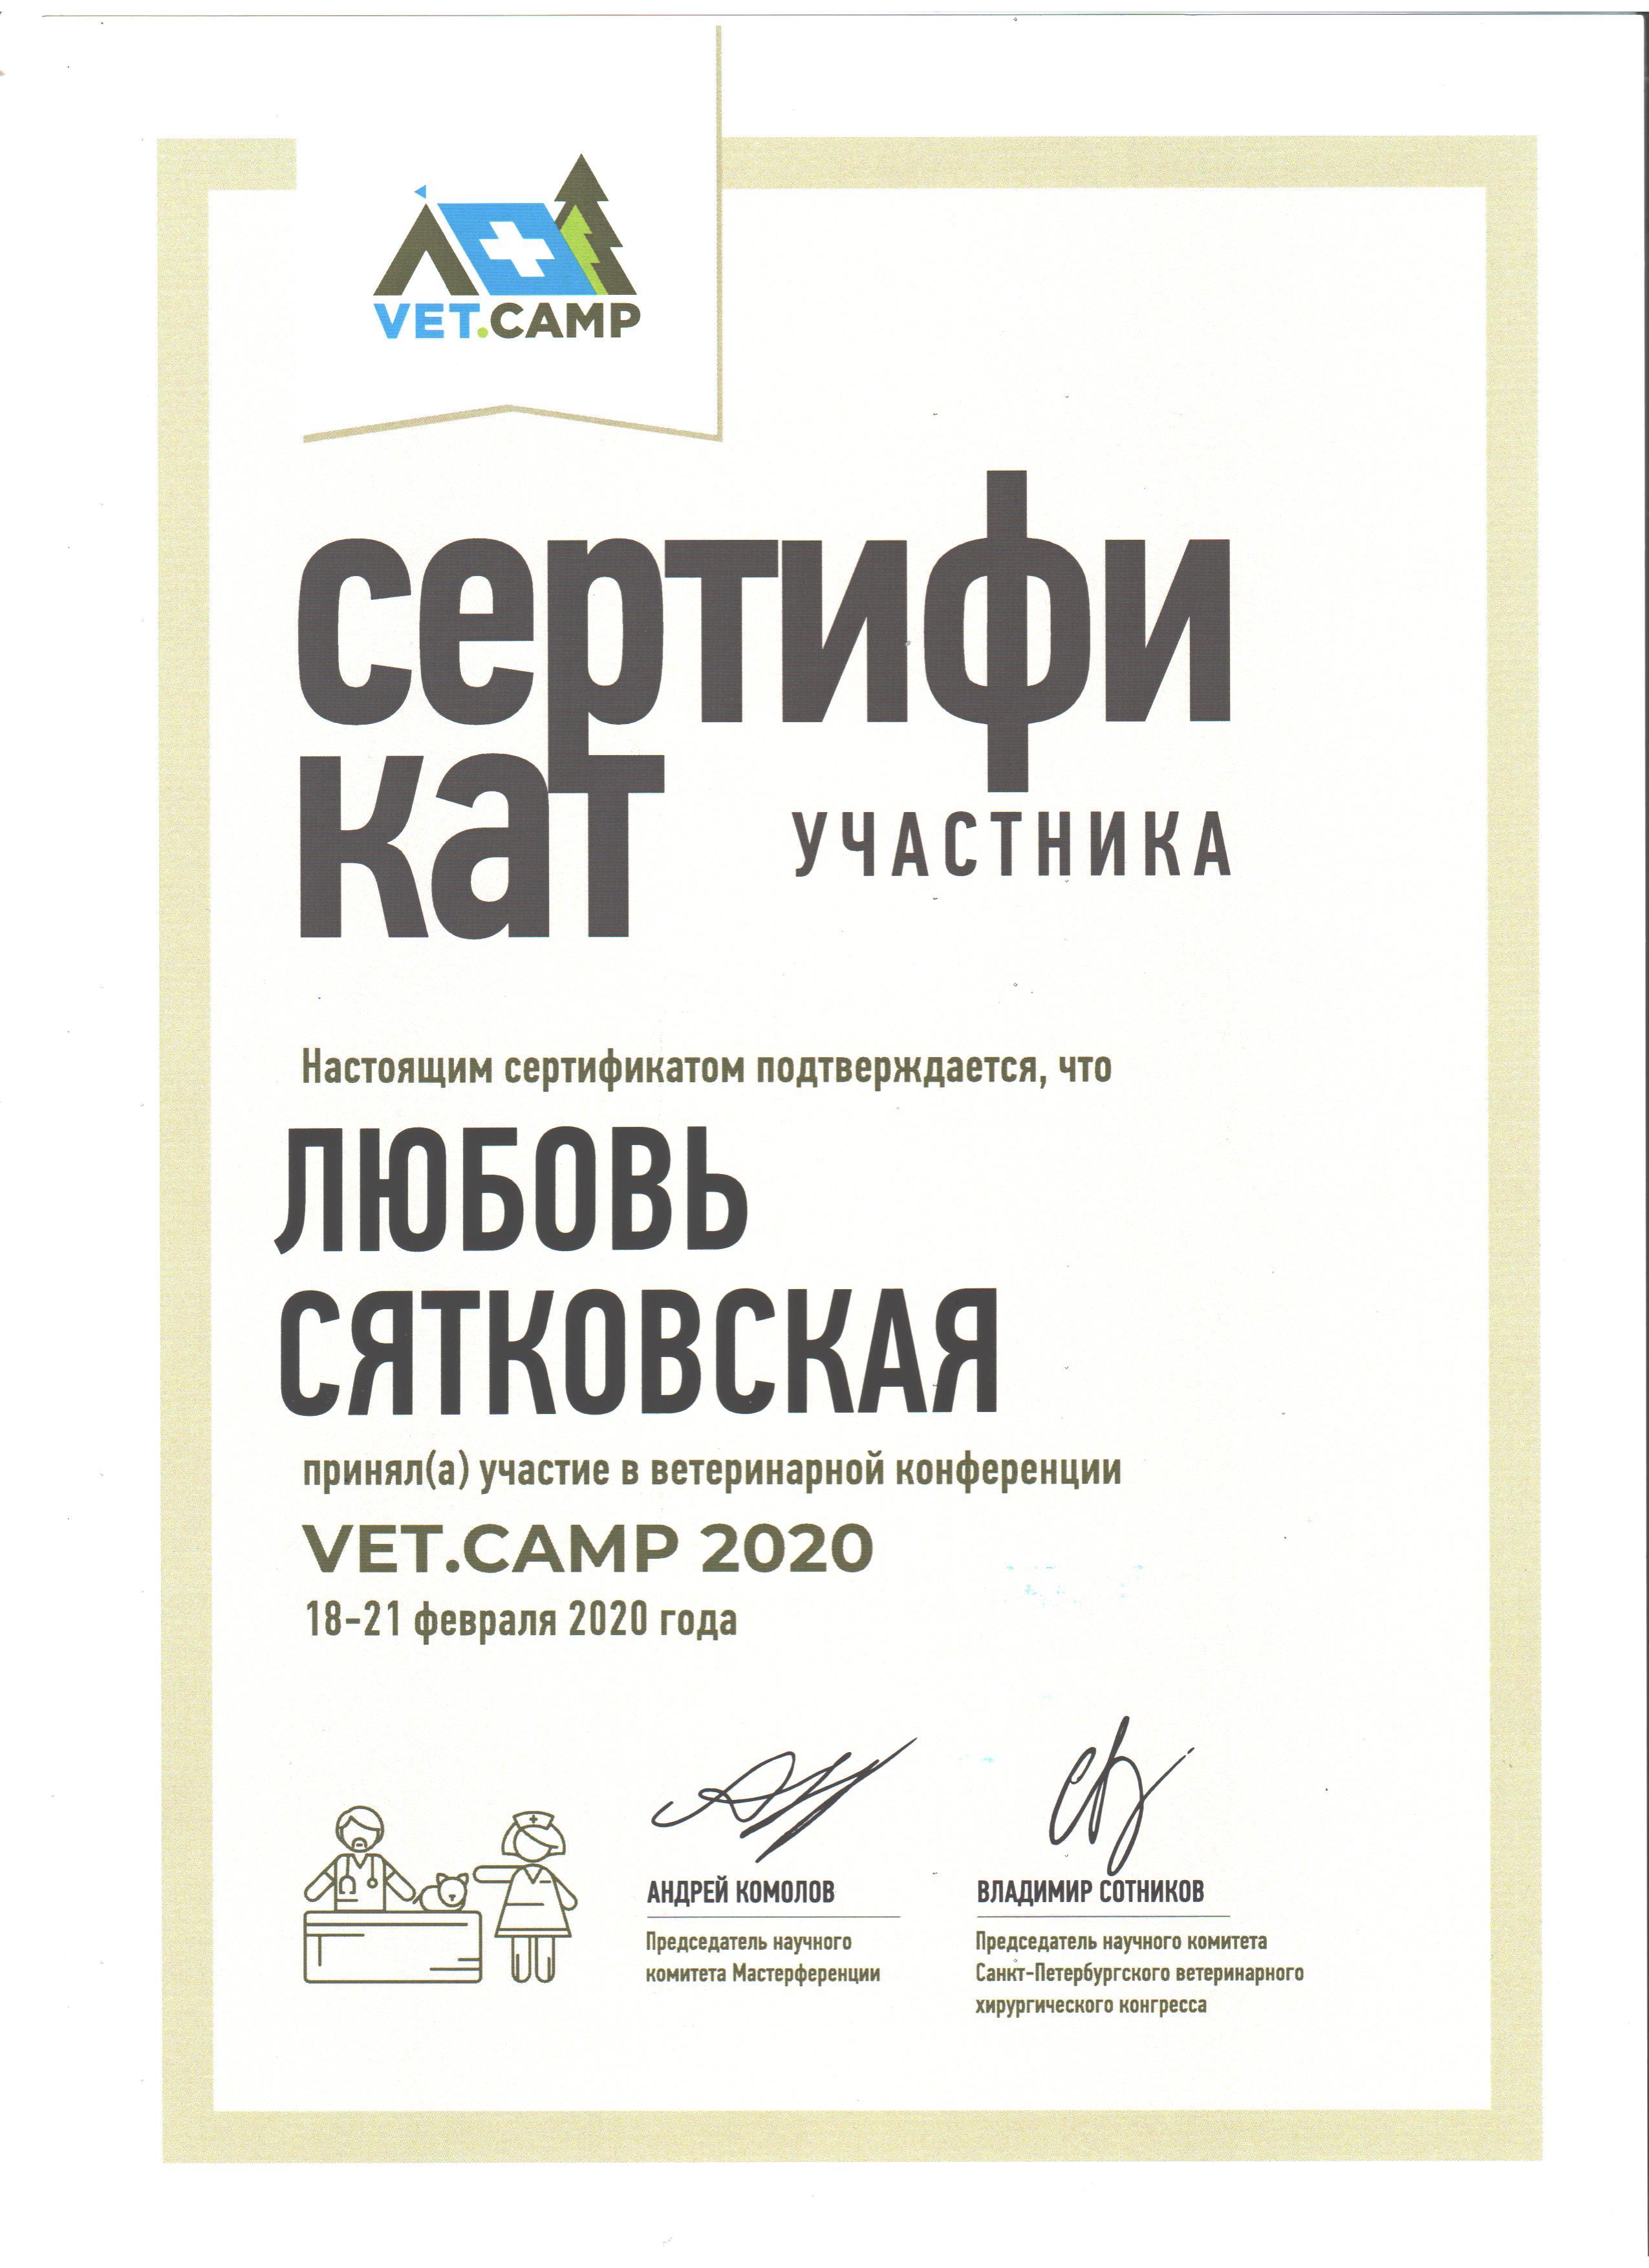 Сертификат Сятковская Л. VET.CAMP 2020